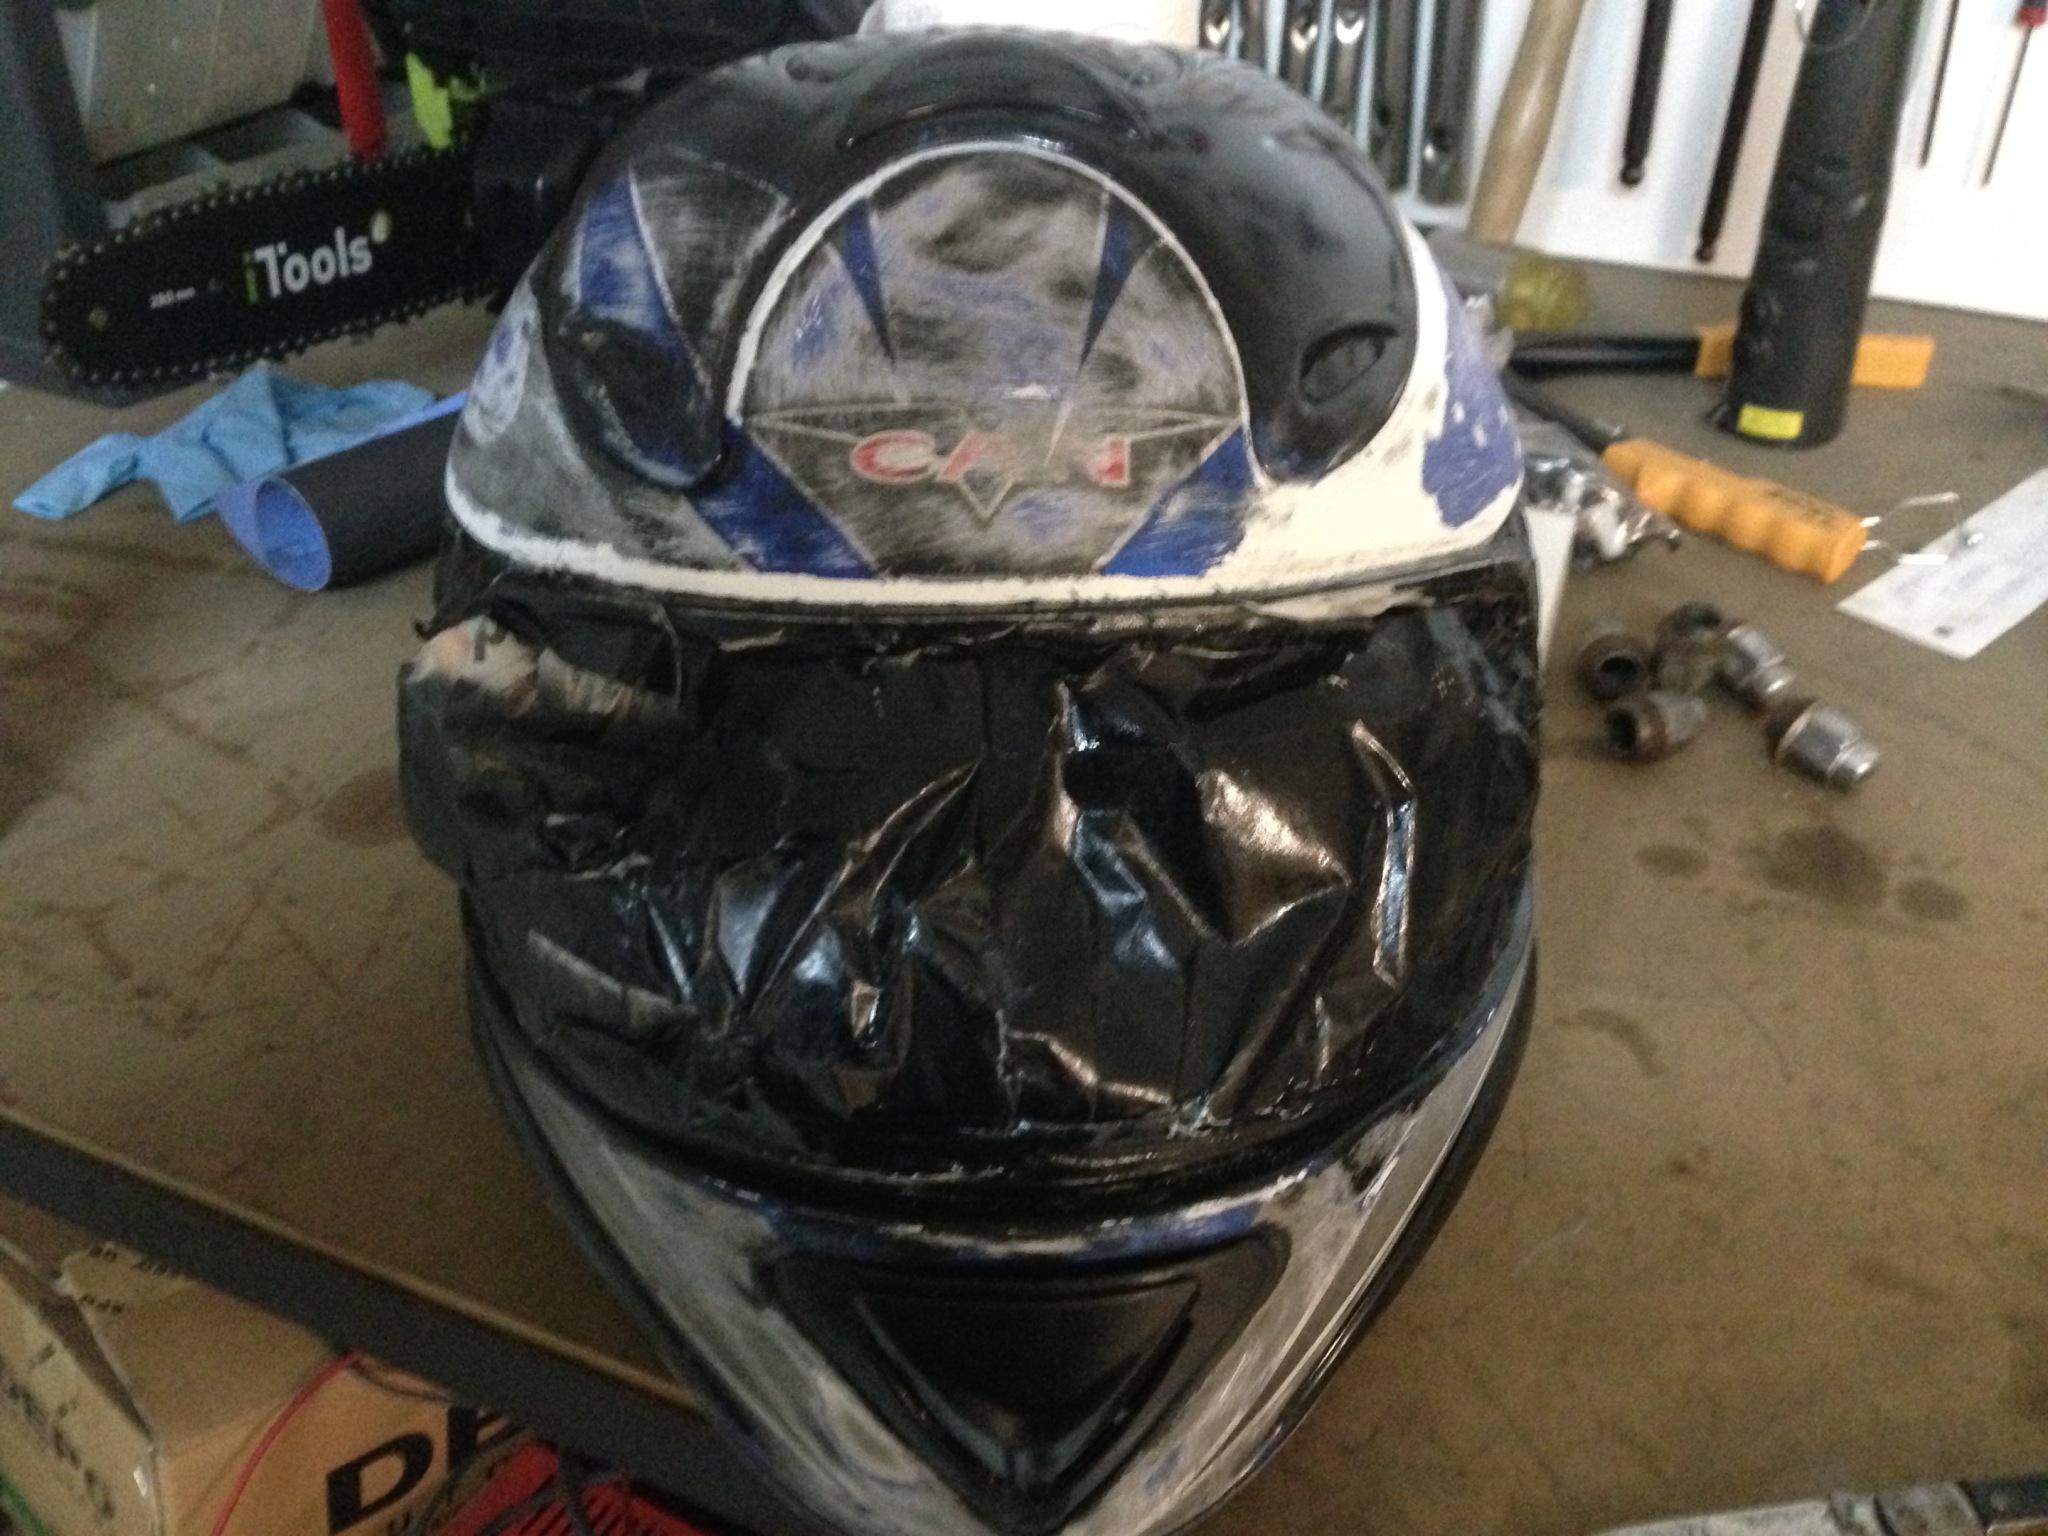 Autocolantes na moto/capacete  103v5ow